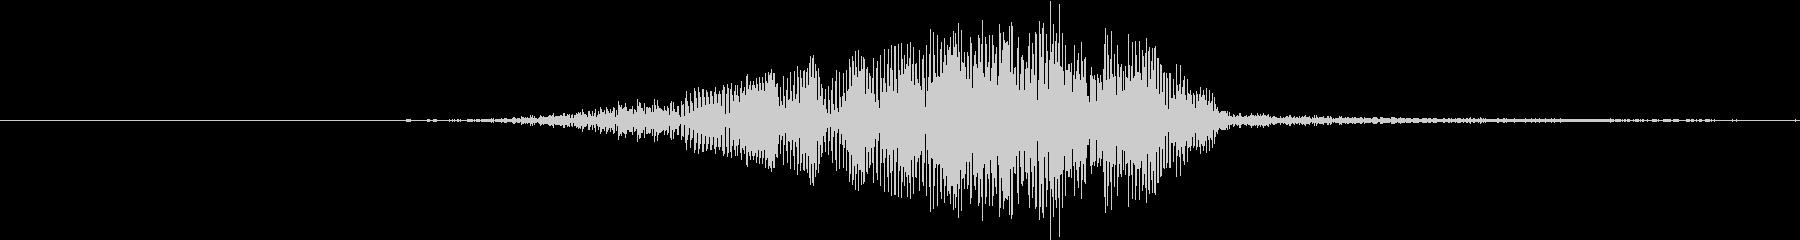 アフリカ灰色のオウム:短い甲高い声の未再生の波形